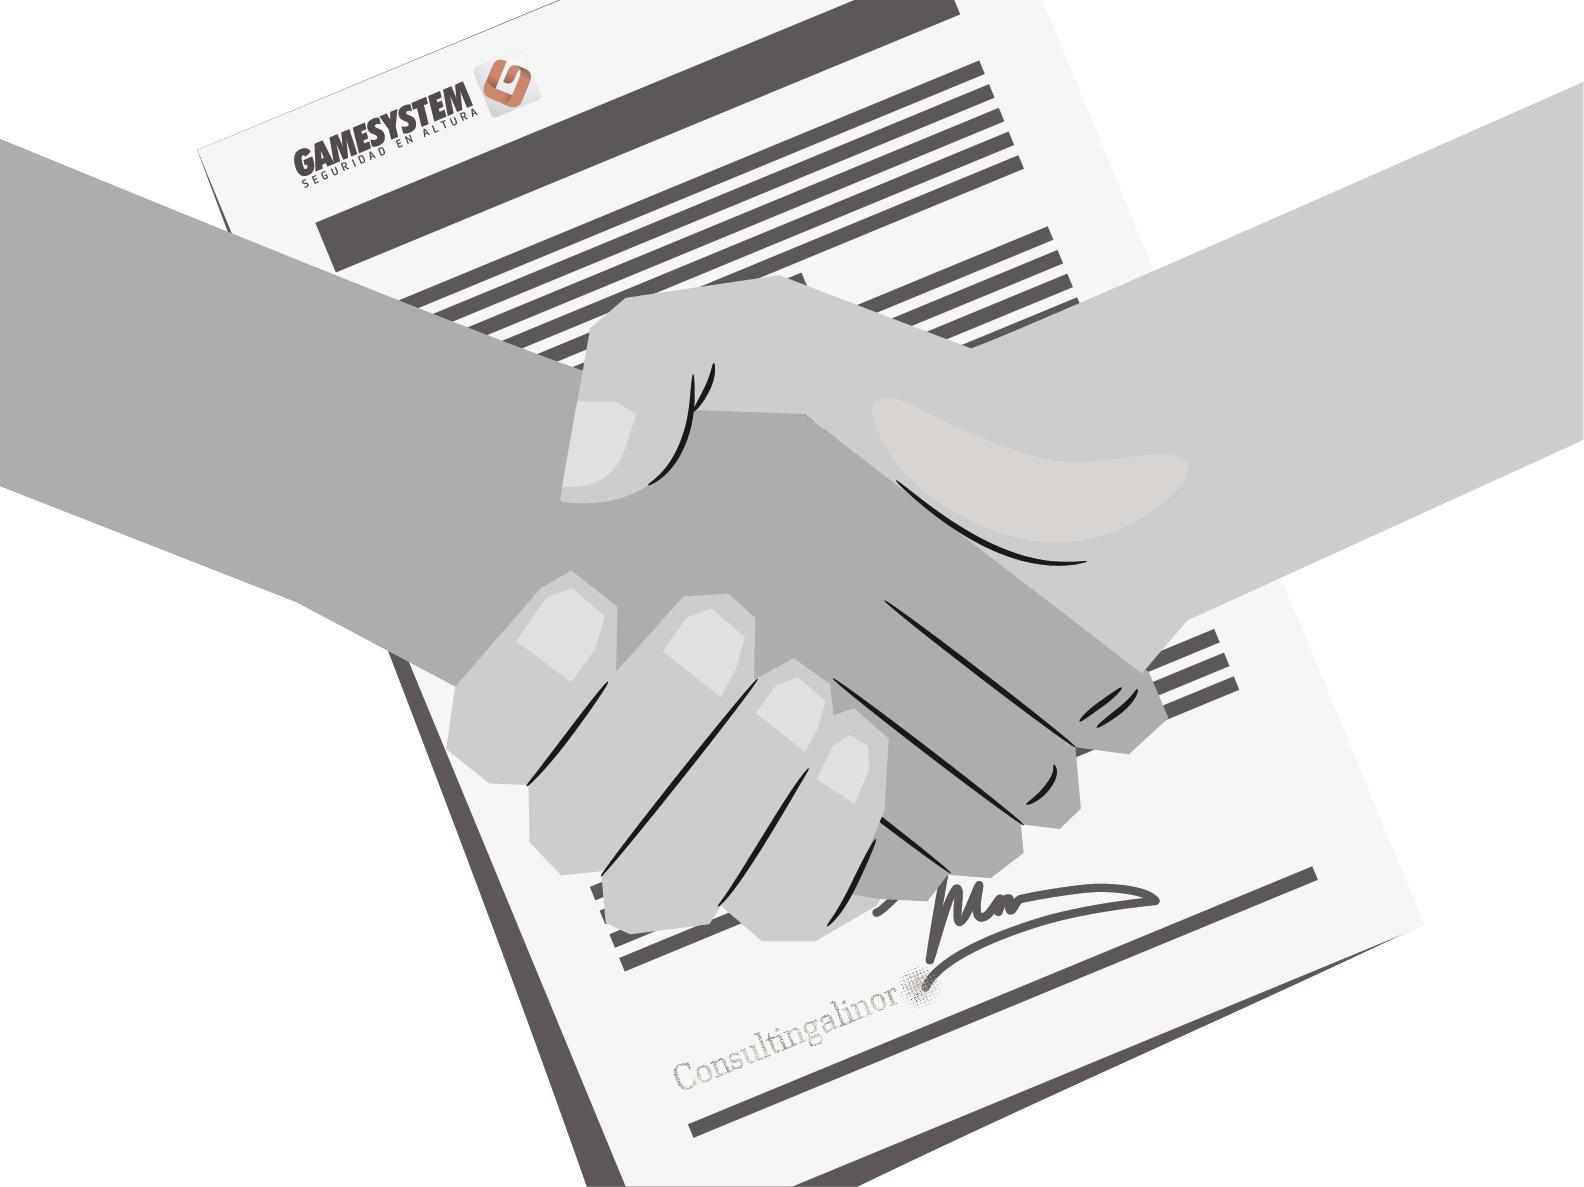 Acuerdo con Consultingalinor